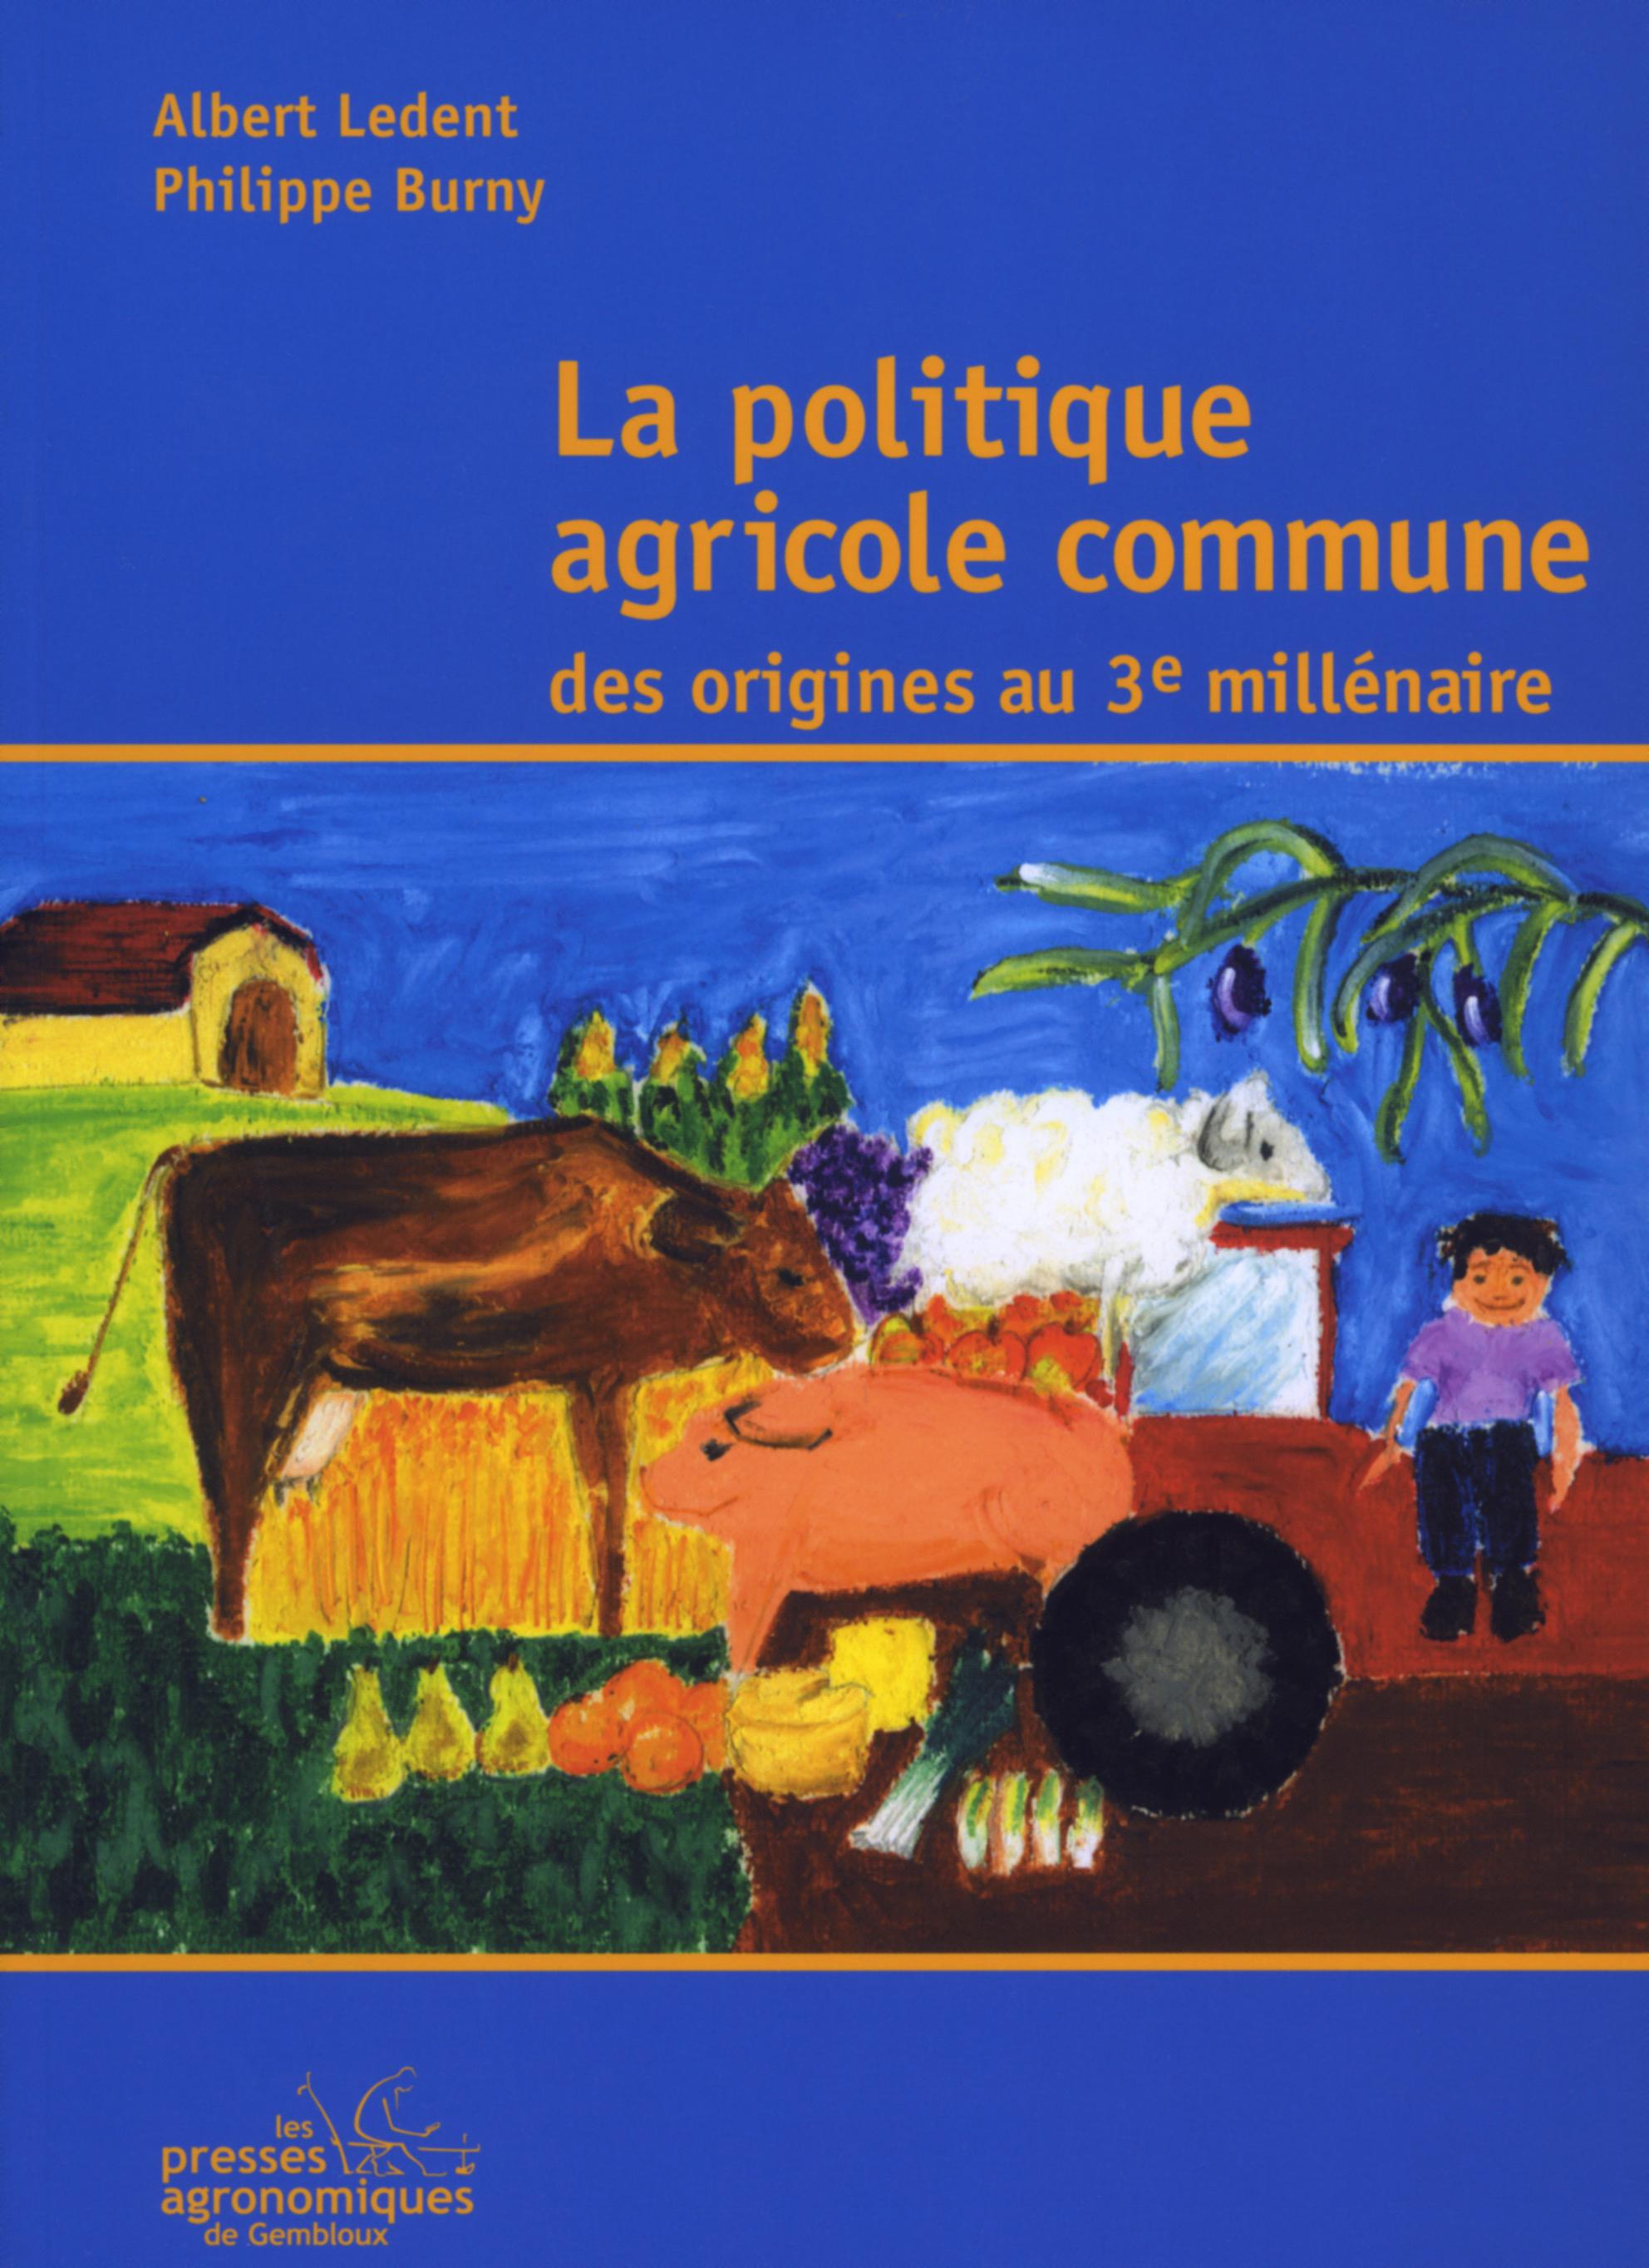 LA POLITIQUE AGRICOLE COMMUNE, DES ORIGINES AU TROISIEME MILLENAIRE